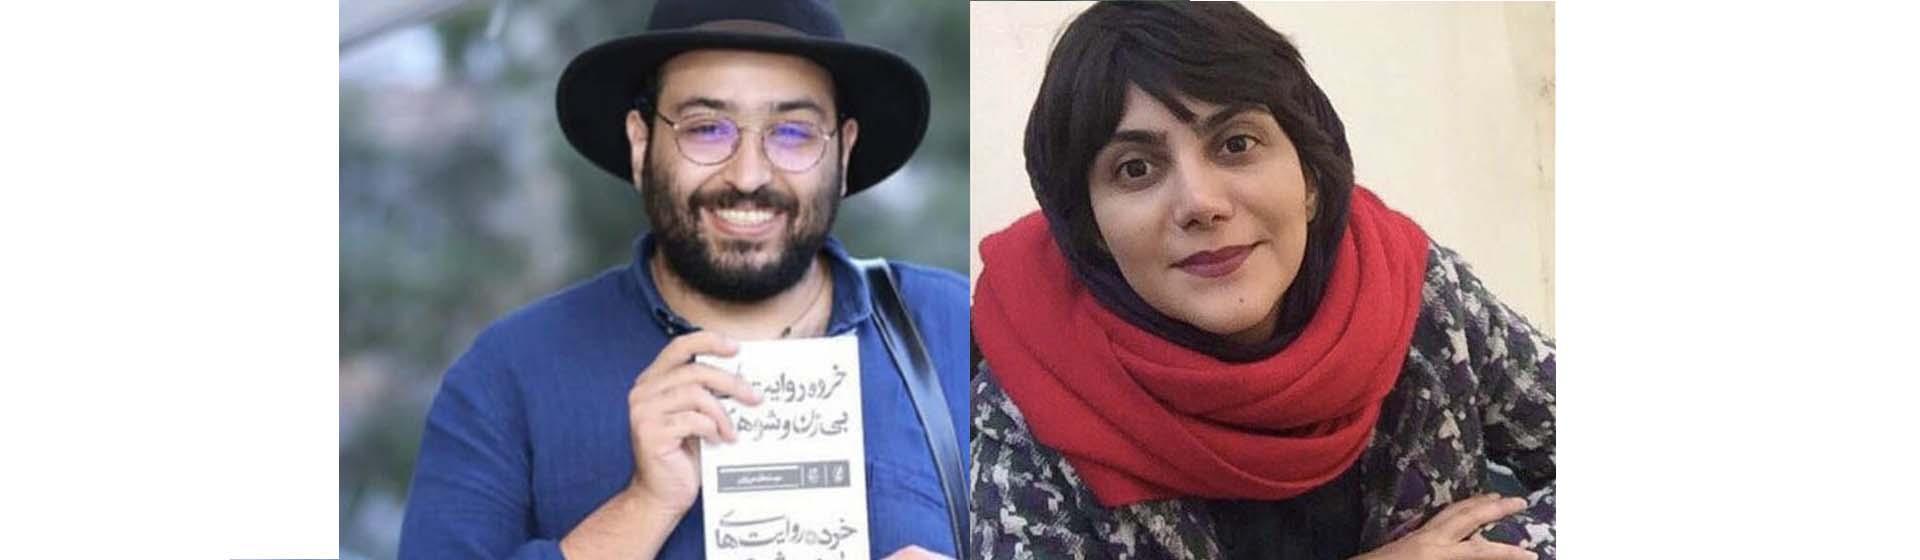 Kiumars Marzban und Marzieh Amiri werden gefangen gehalten und erhalten hohe Haftstrafen durch das iranische Revolutionsgericht